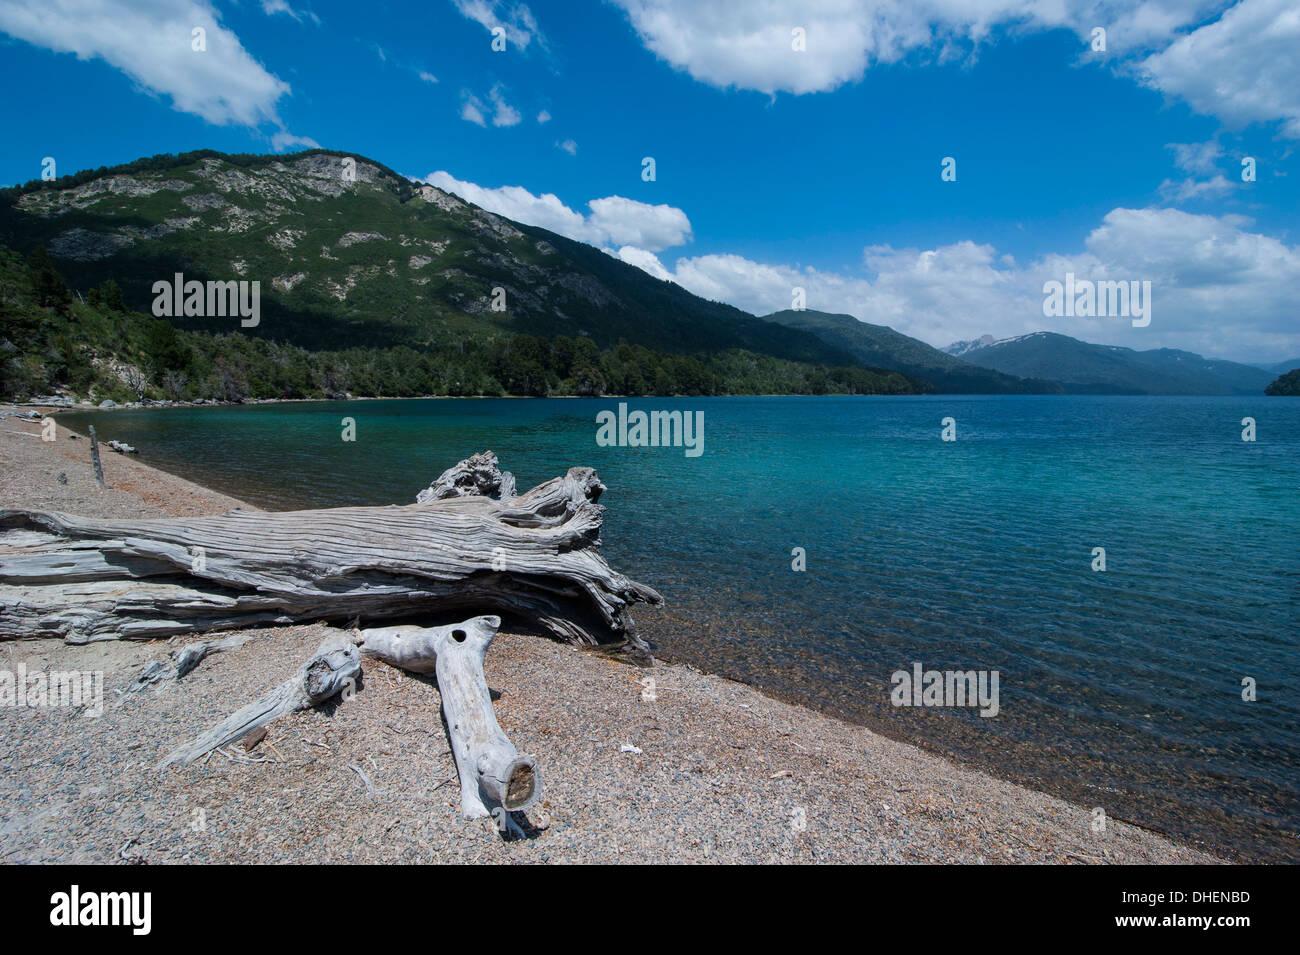 Mountain lake with wild flowers, Ruta de los Siete Lagos, Argentina - Stock Image